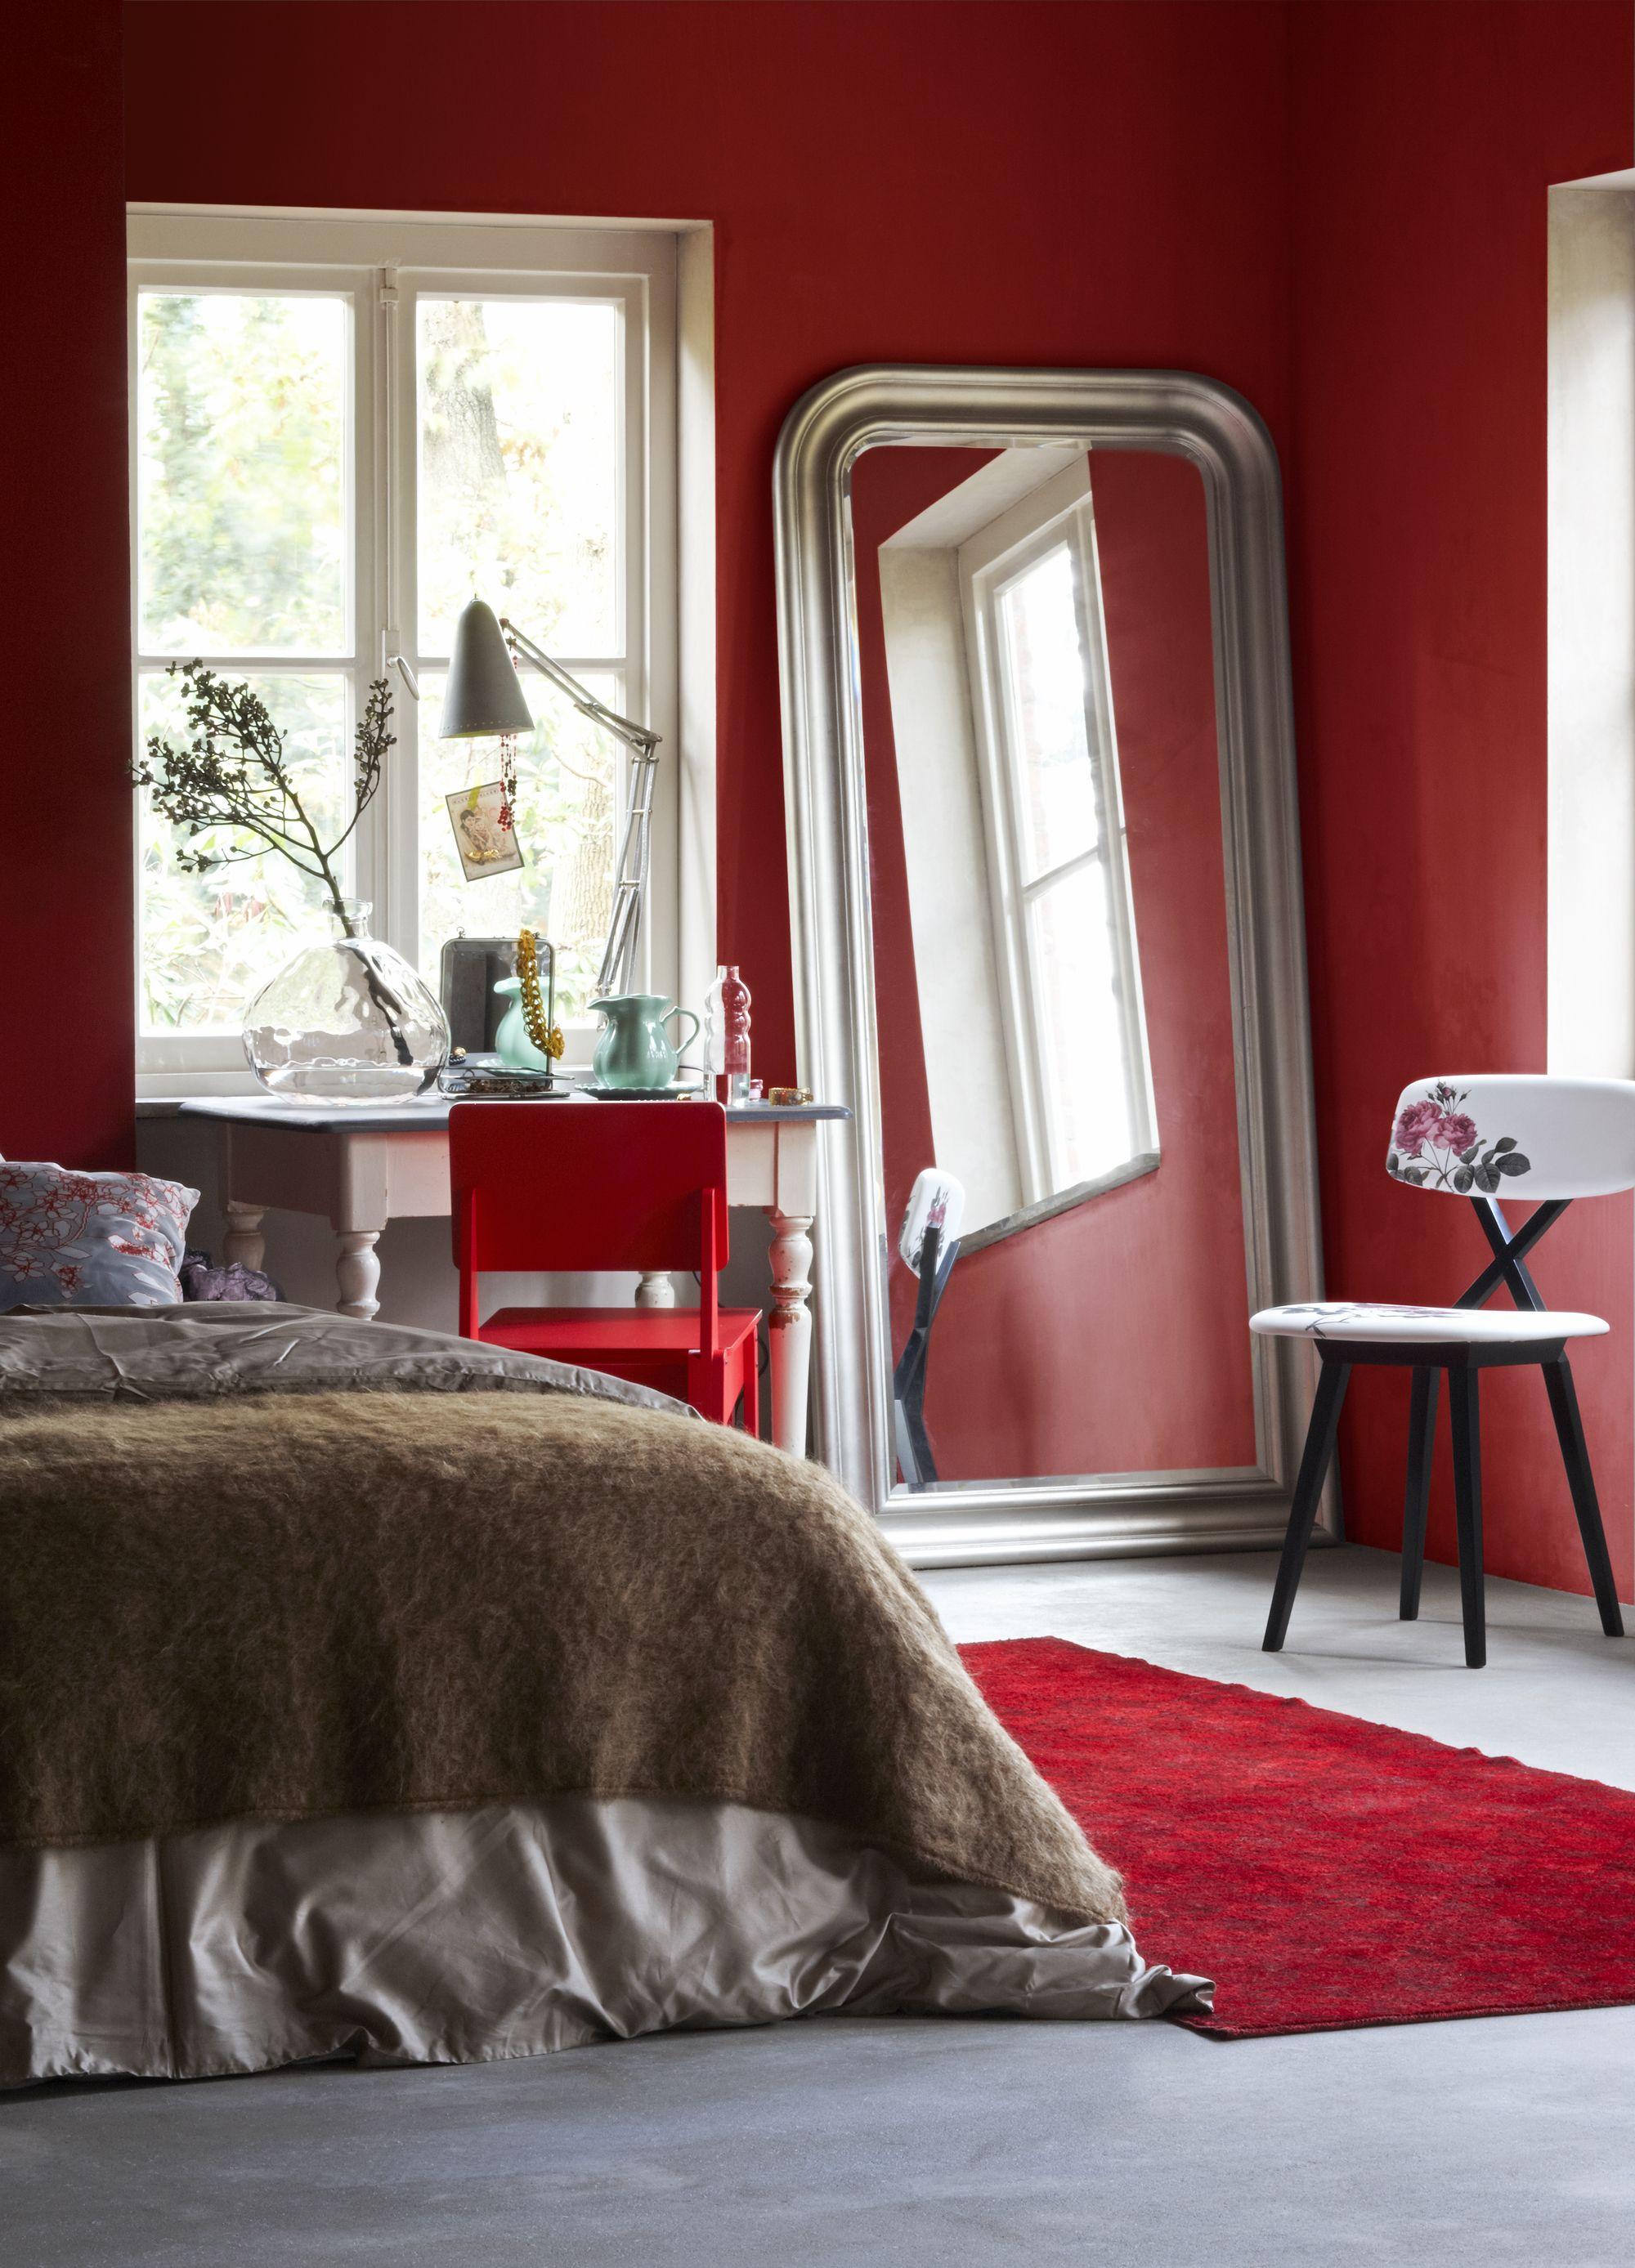 rode slaapkamer - rood in huis | kleuren in 2019 ...